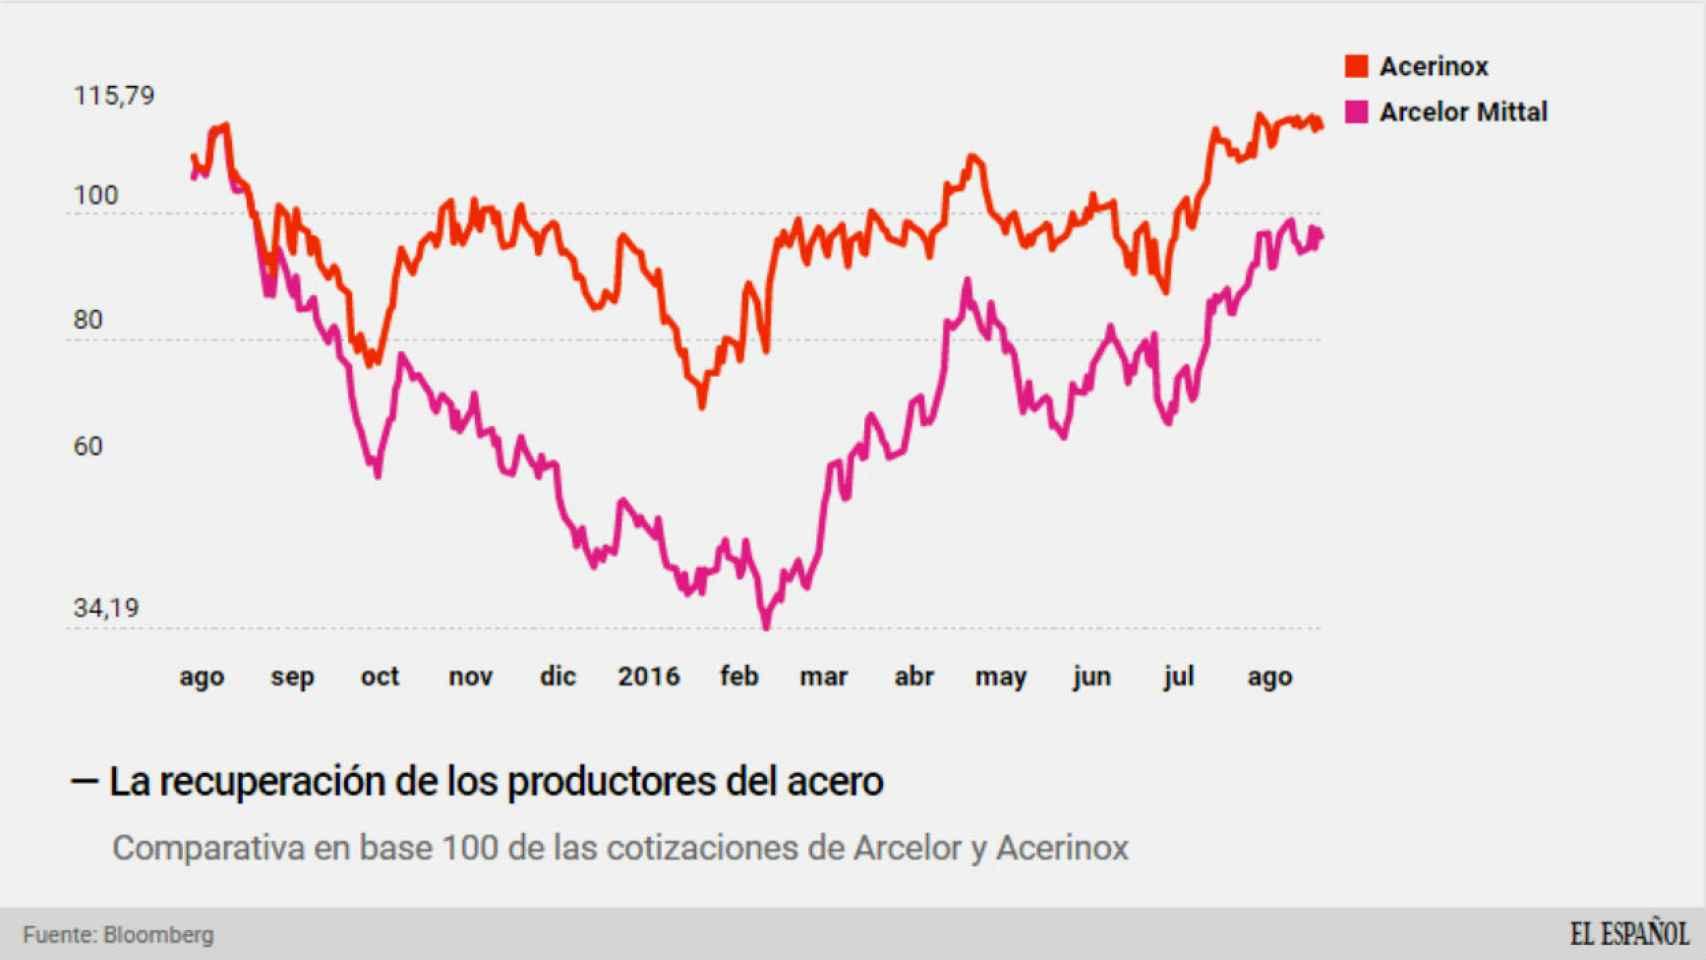 La recuperación de los productores de acero